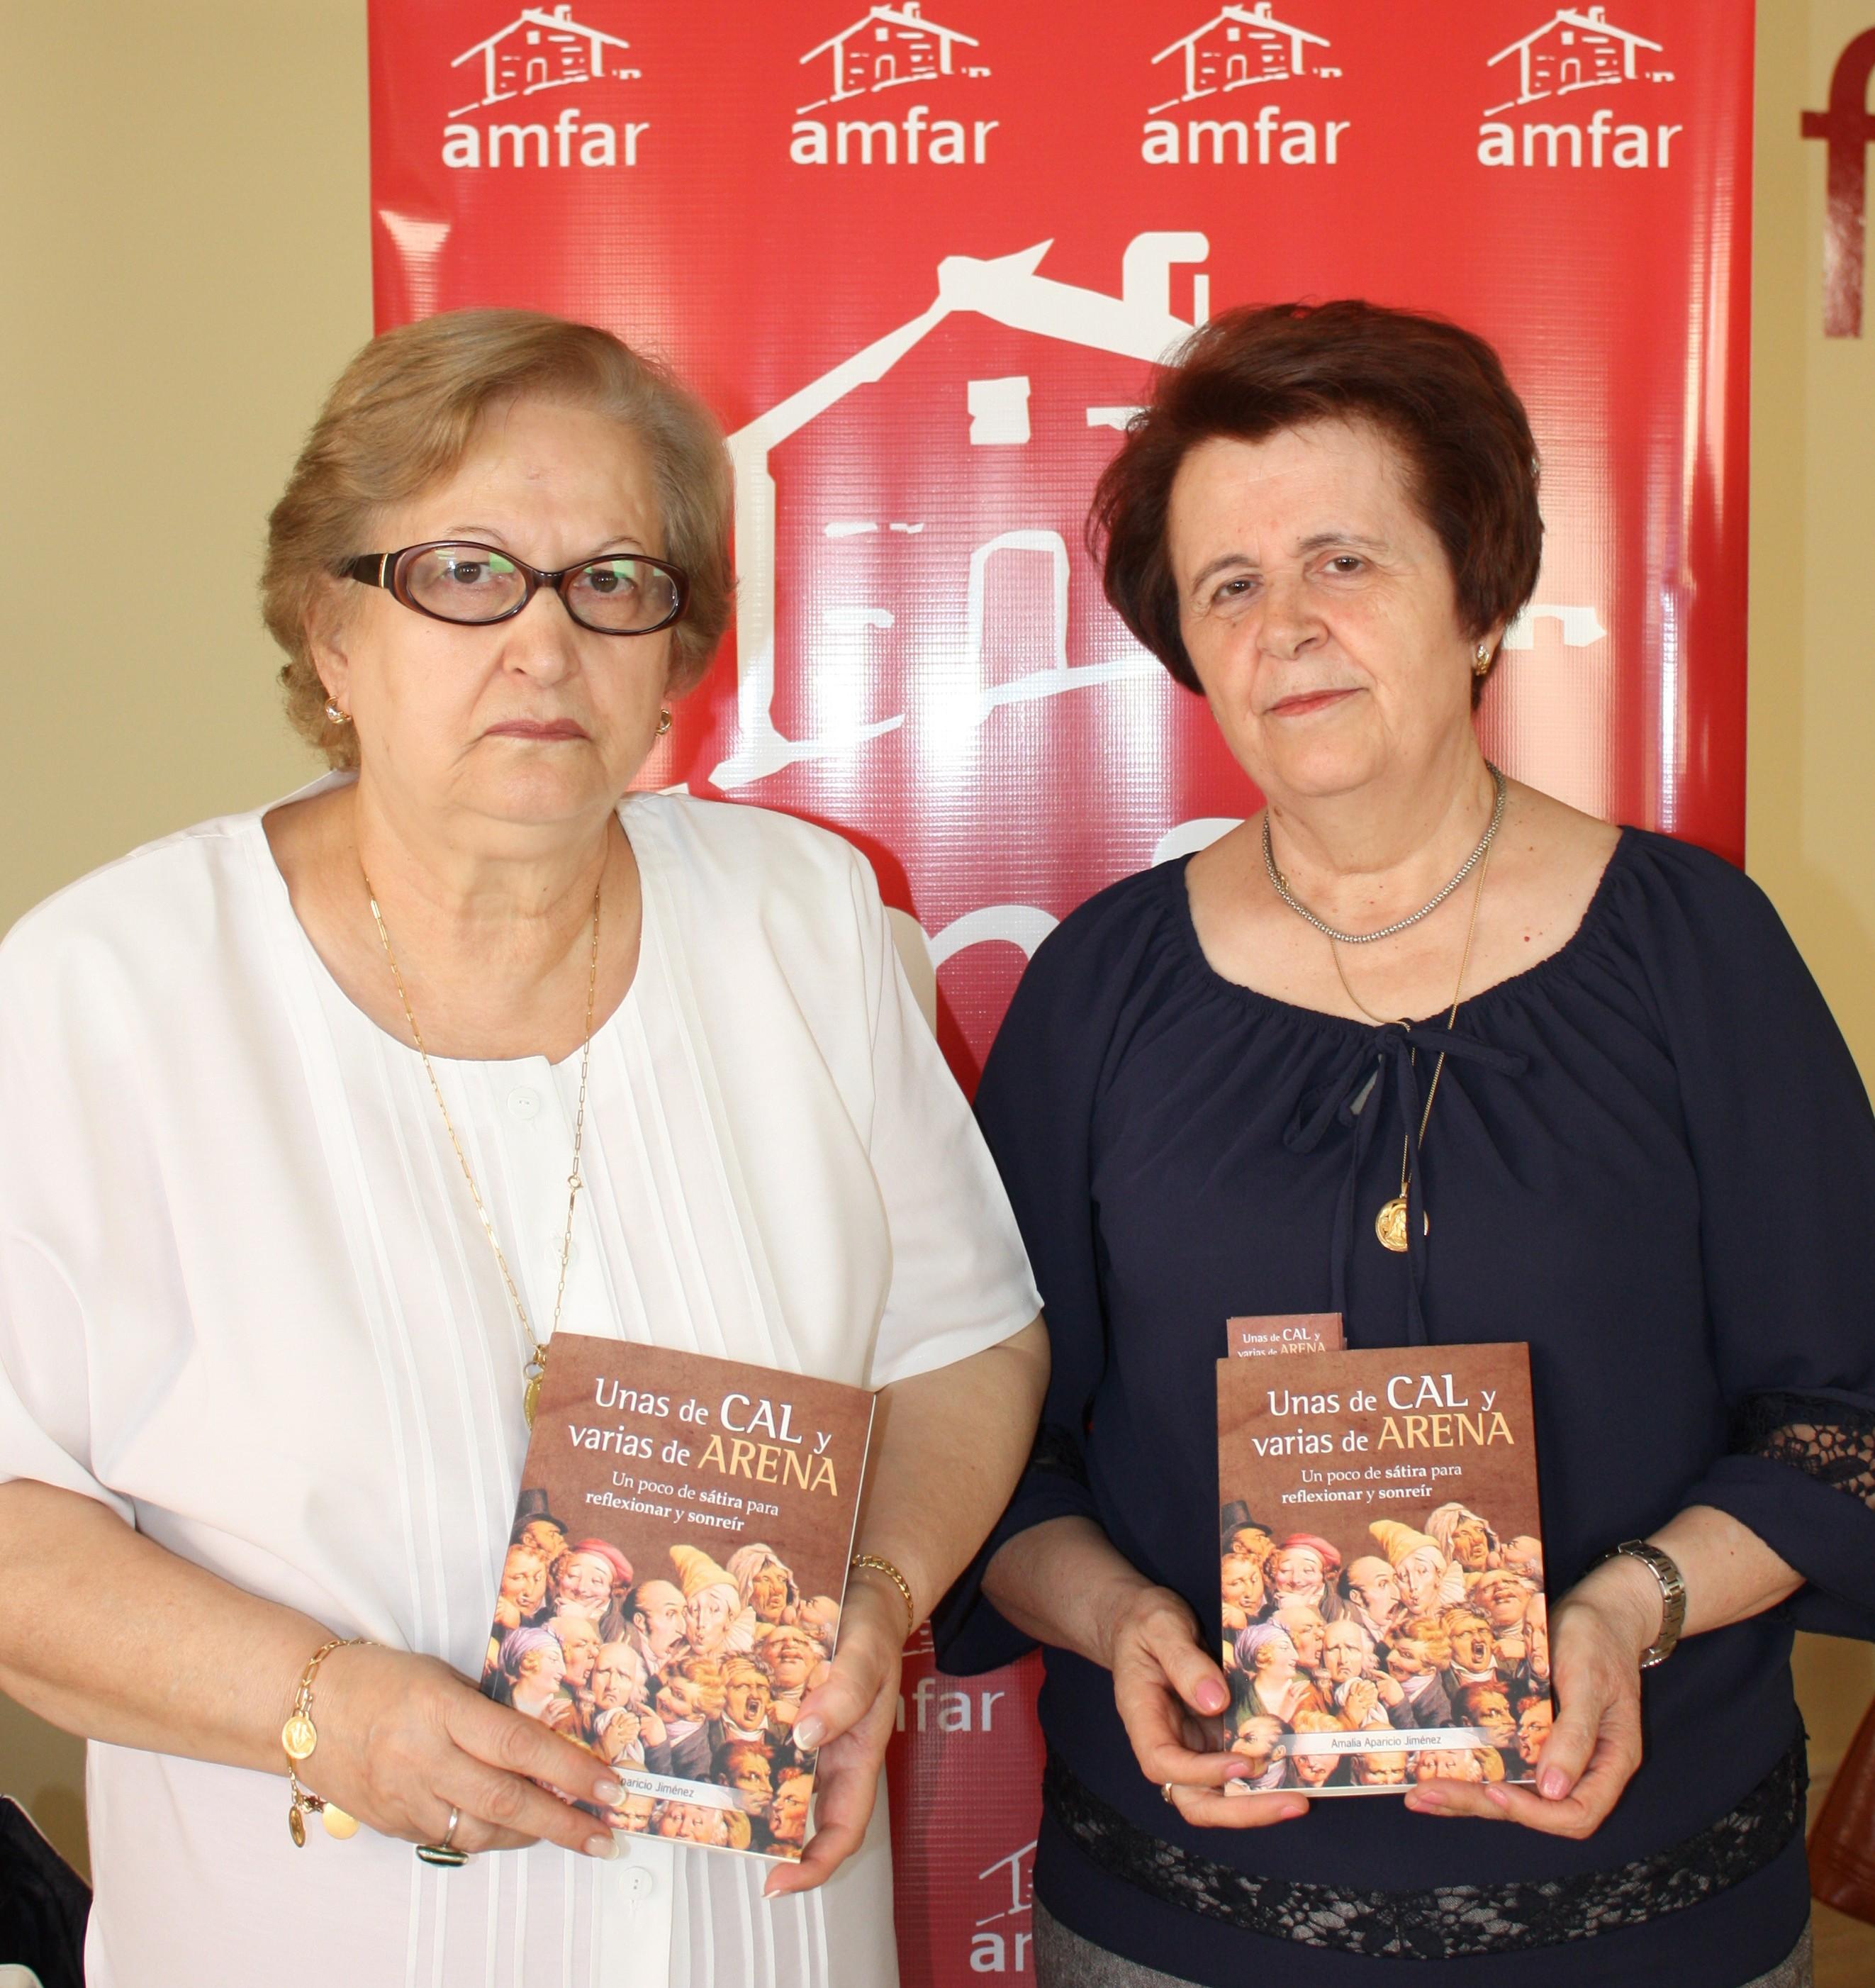 Dolores Manzano anuncia su marcha tras 16 años al frente de AMFAR